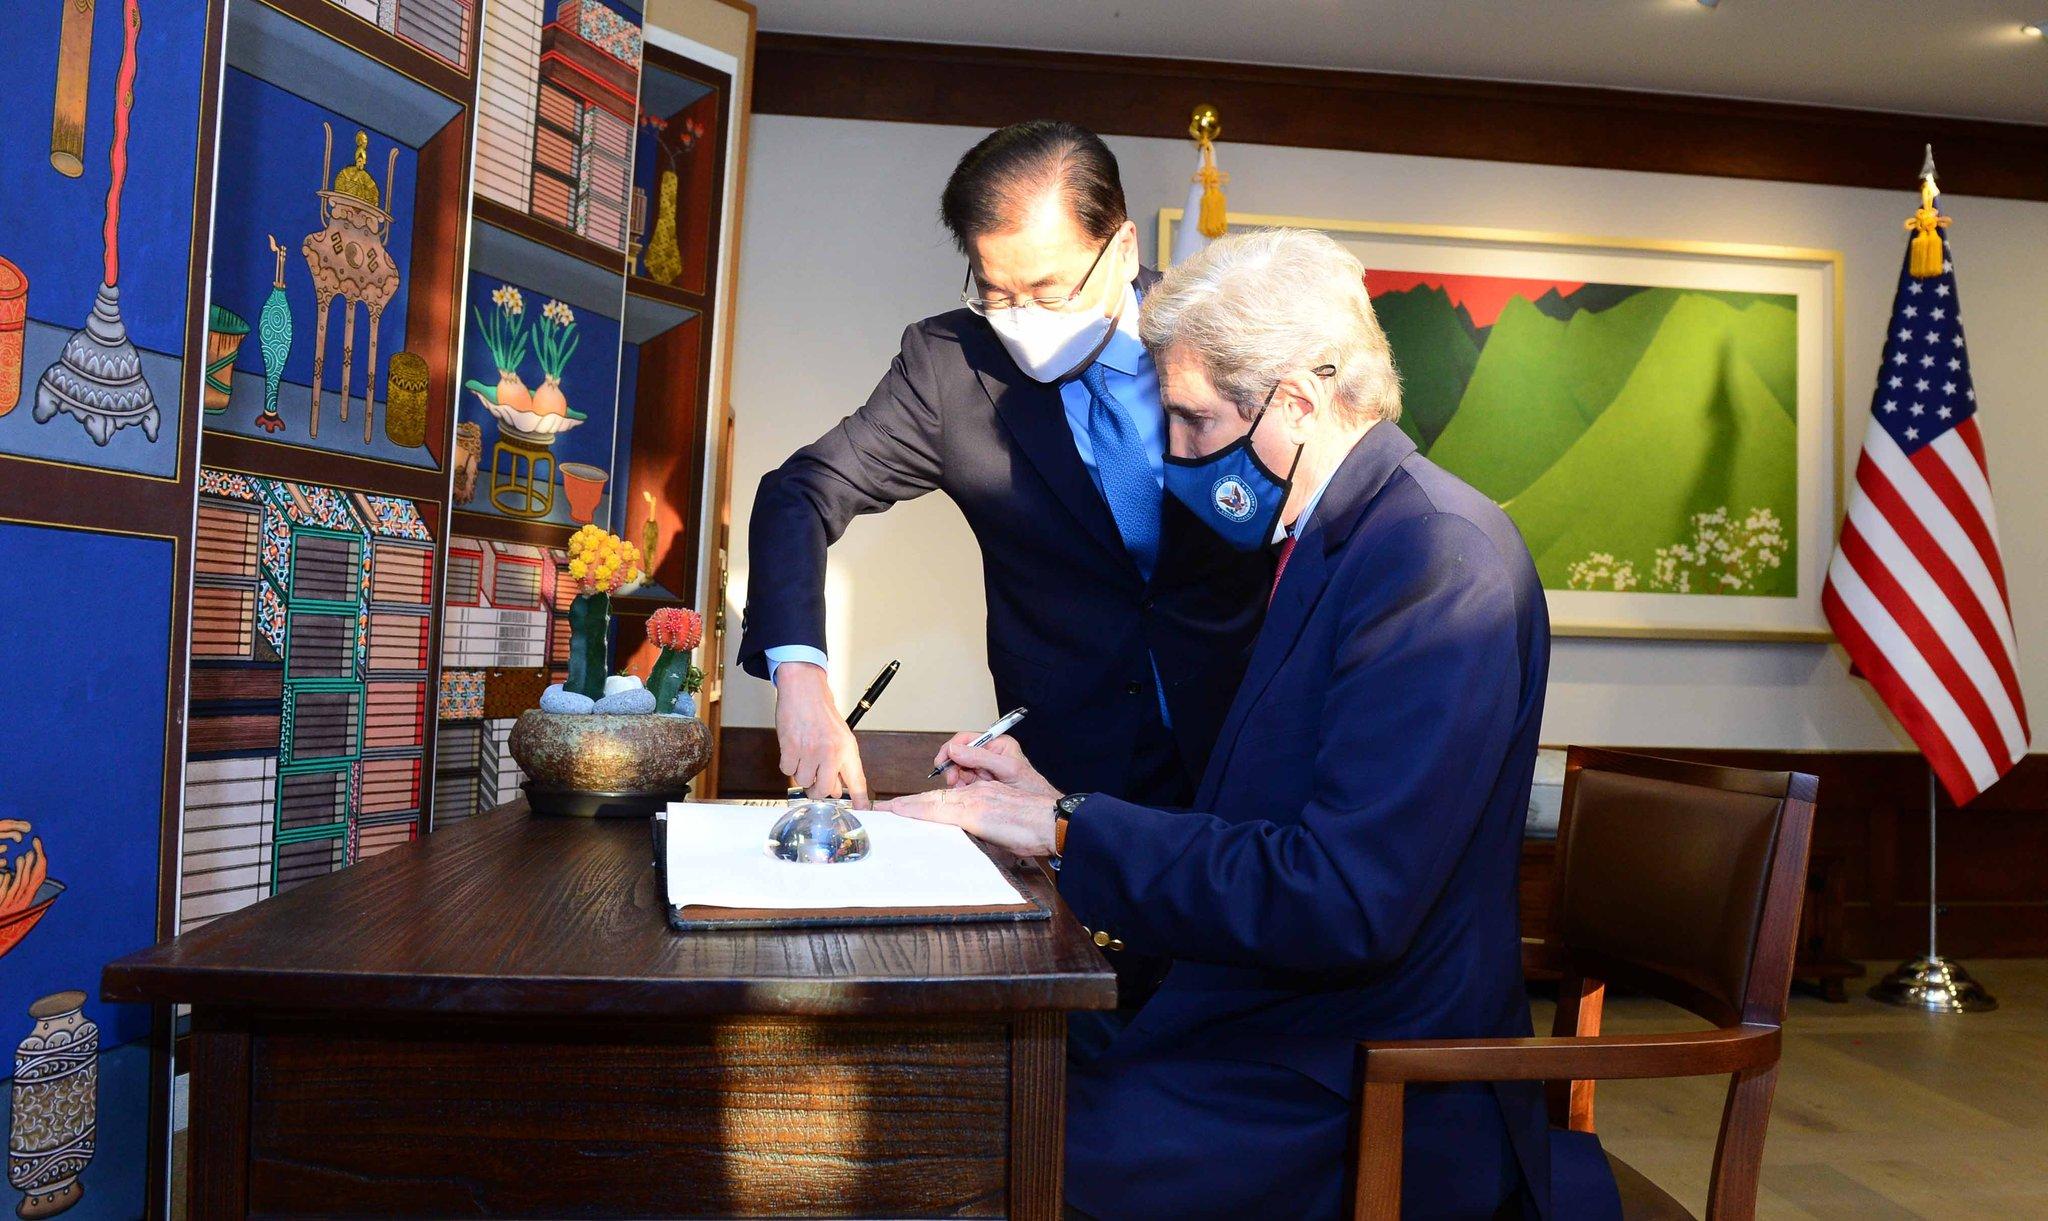 全国人大代表刘守民:建议建立名人、专家违法代言黑名单制度